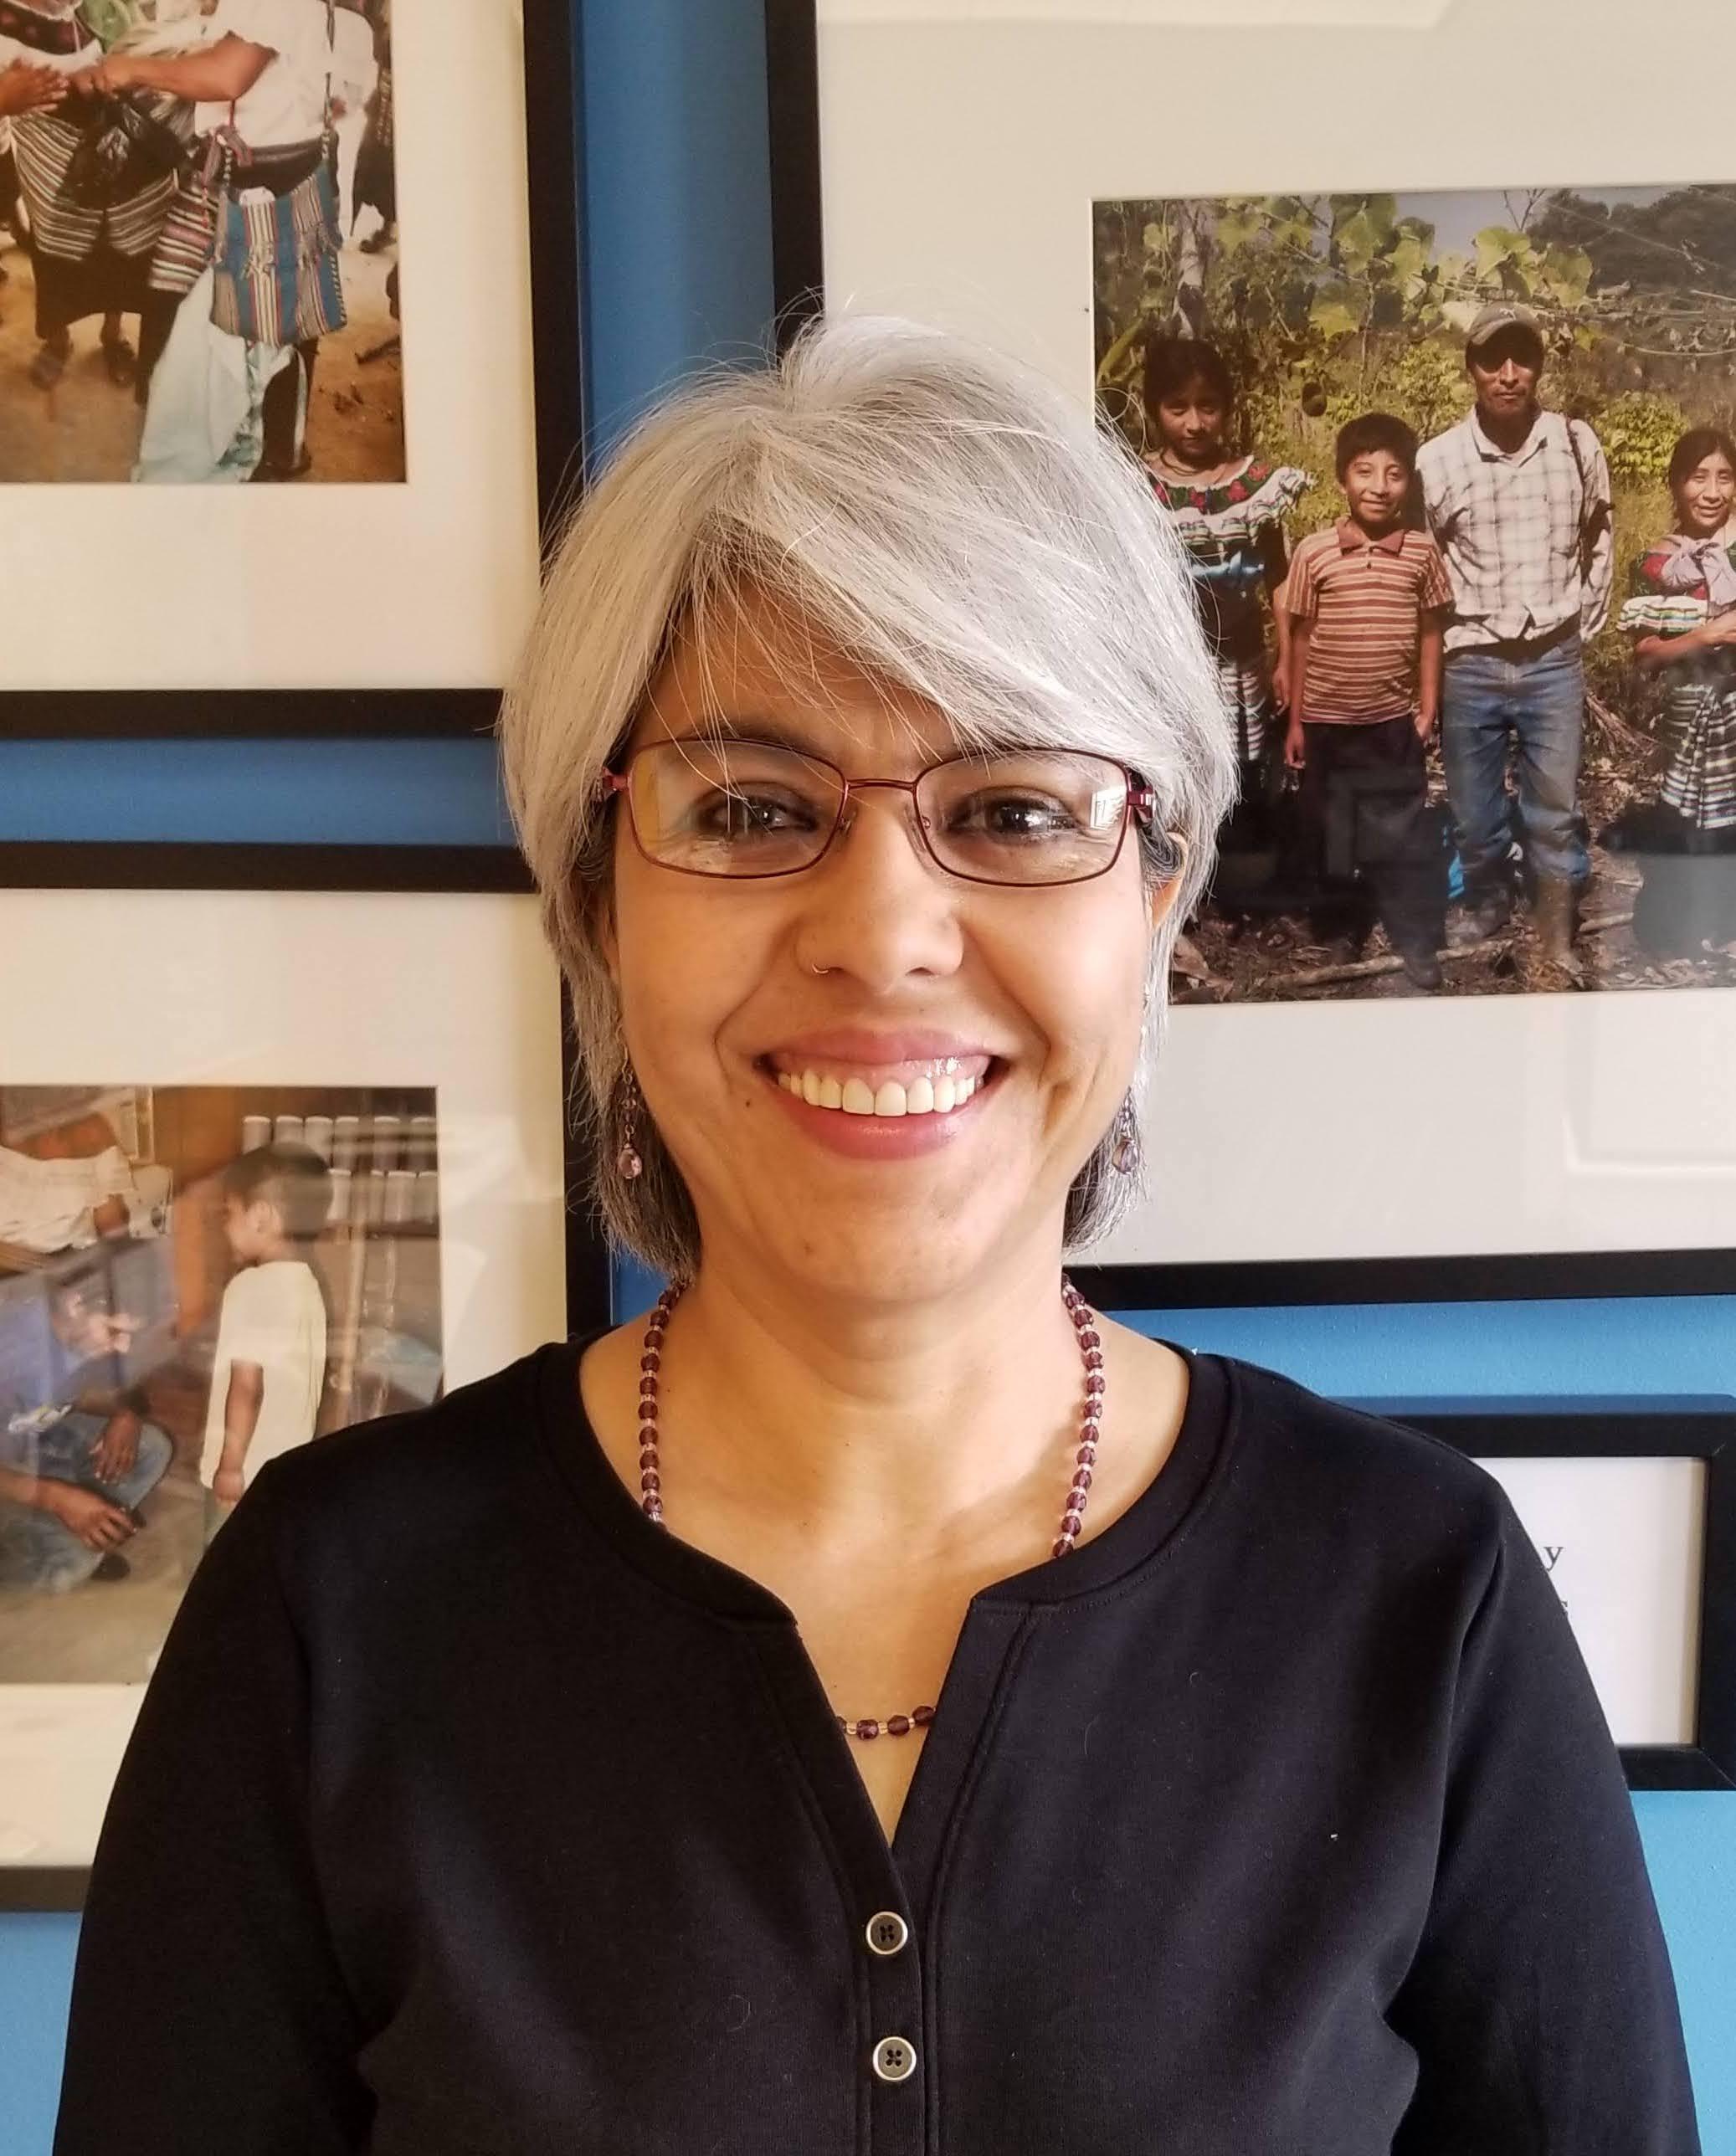 Karin Columba, Executive Director